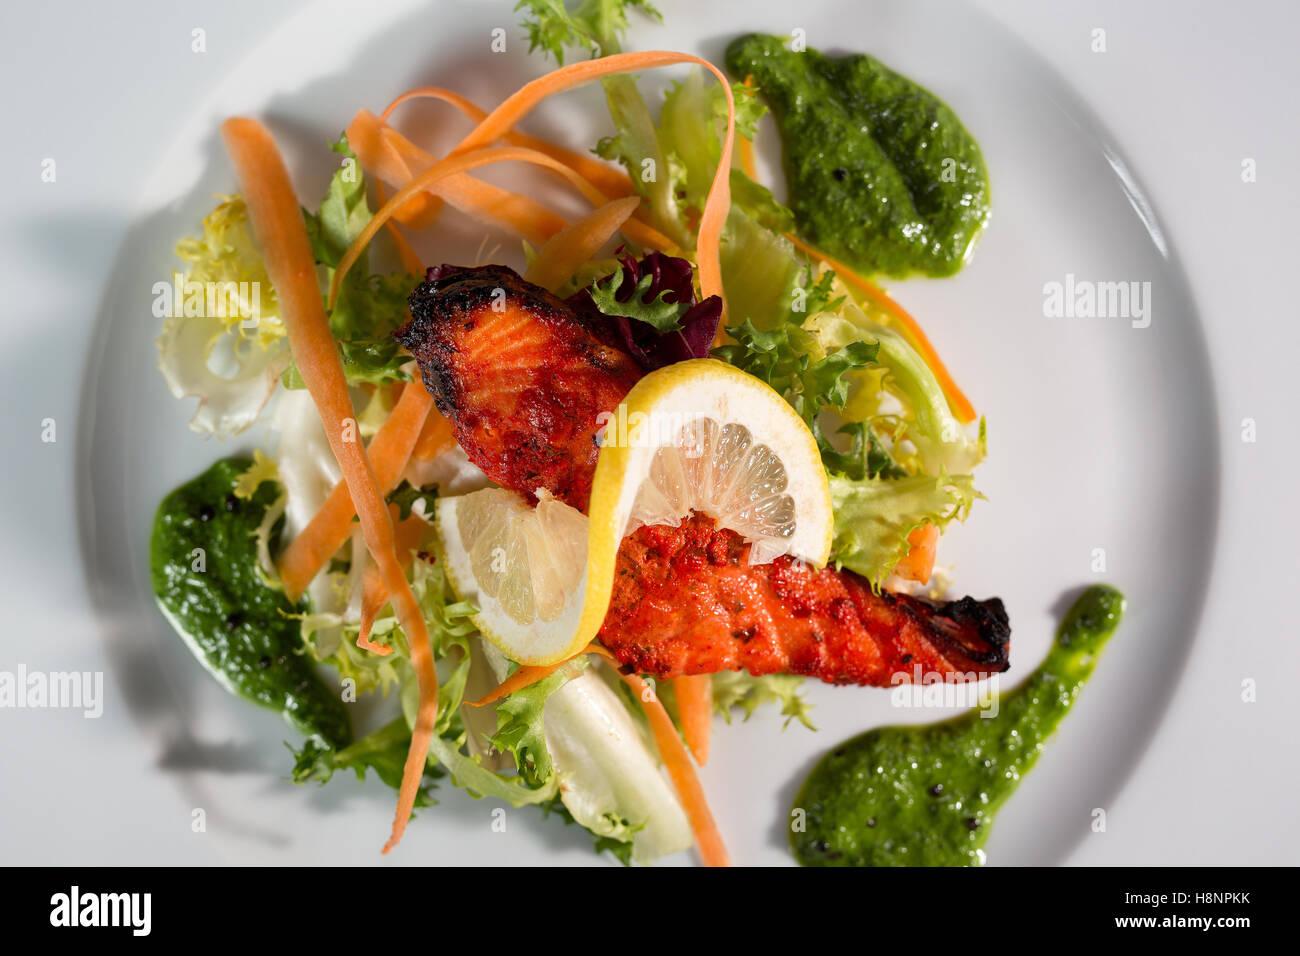 nepalesische k che gericht aus huhn serviert mit salat und einer scheibe zitrone auf einem. Black Bedroom Furniture Sets. Home Design Ideas